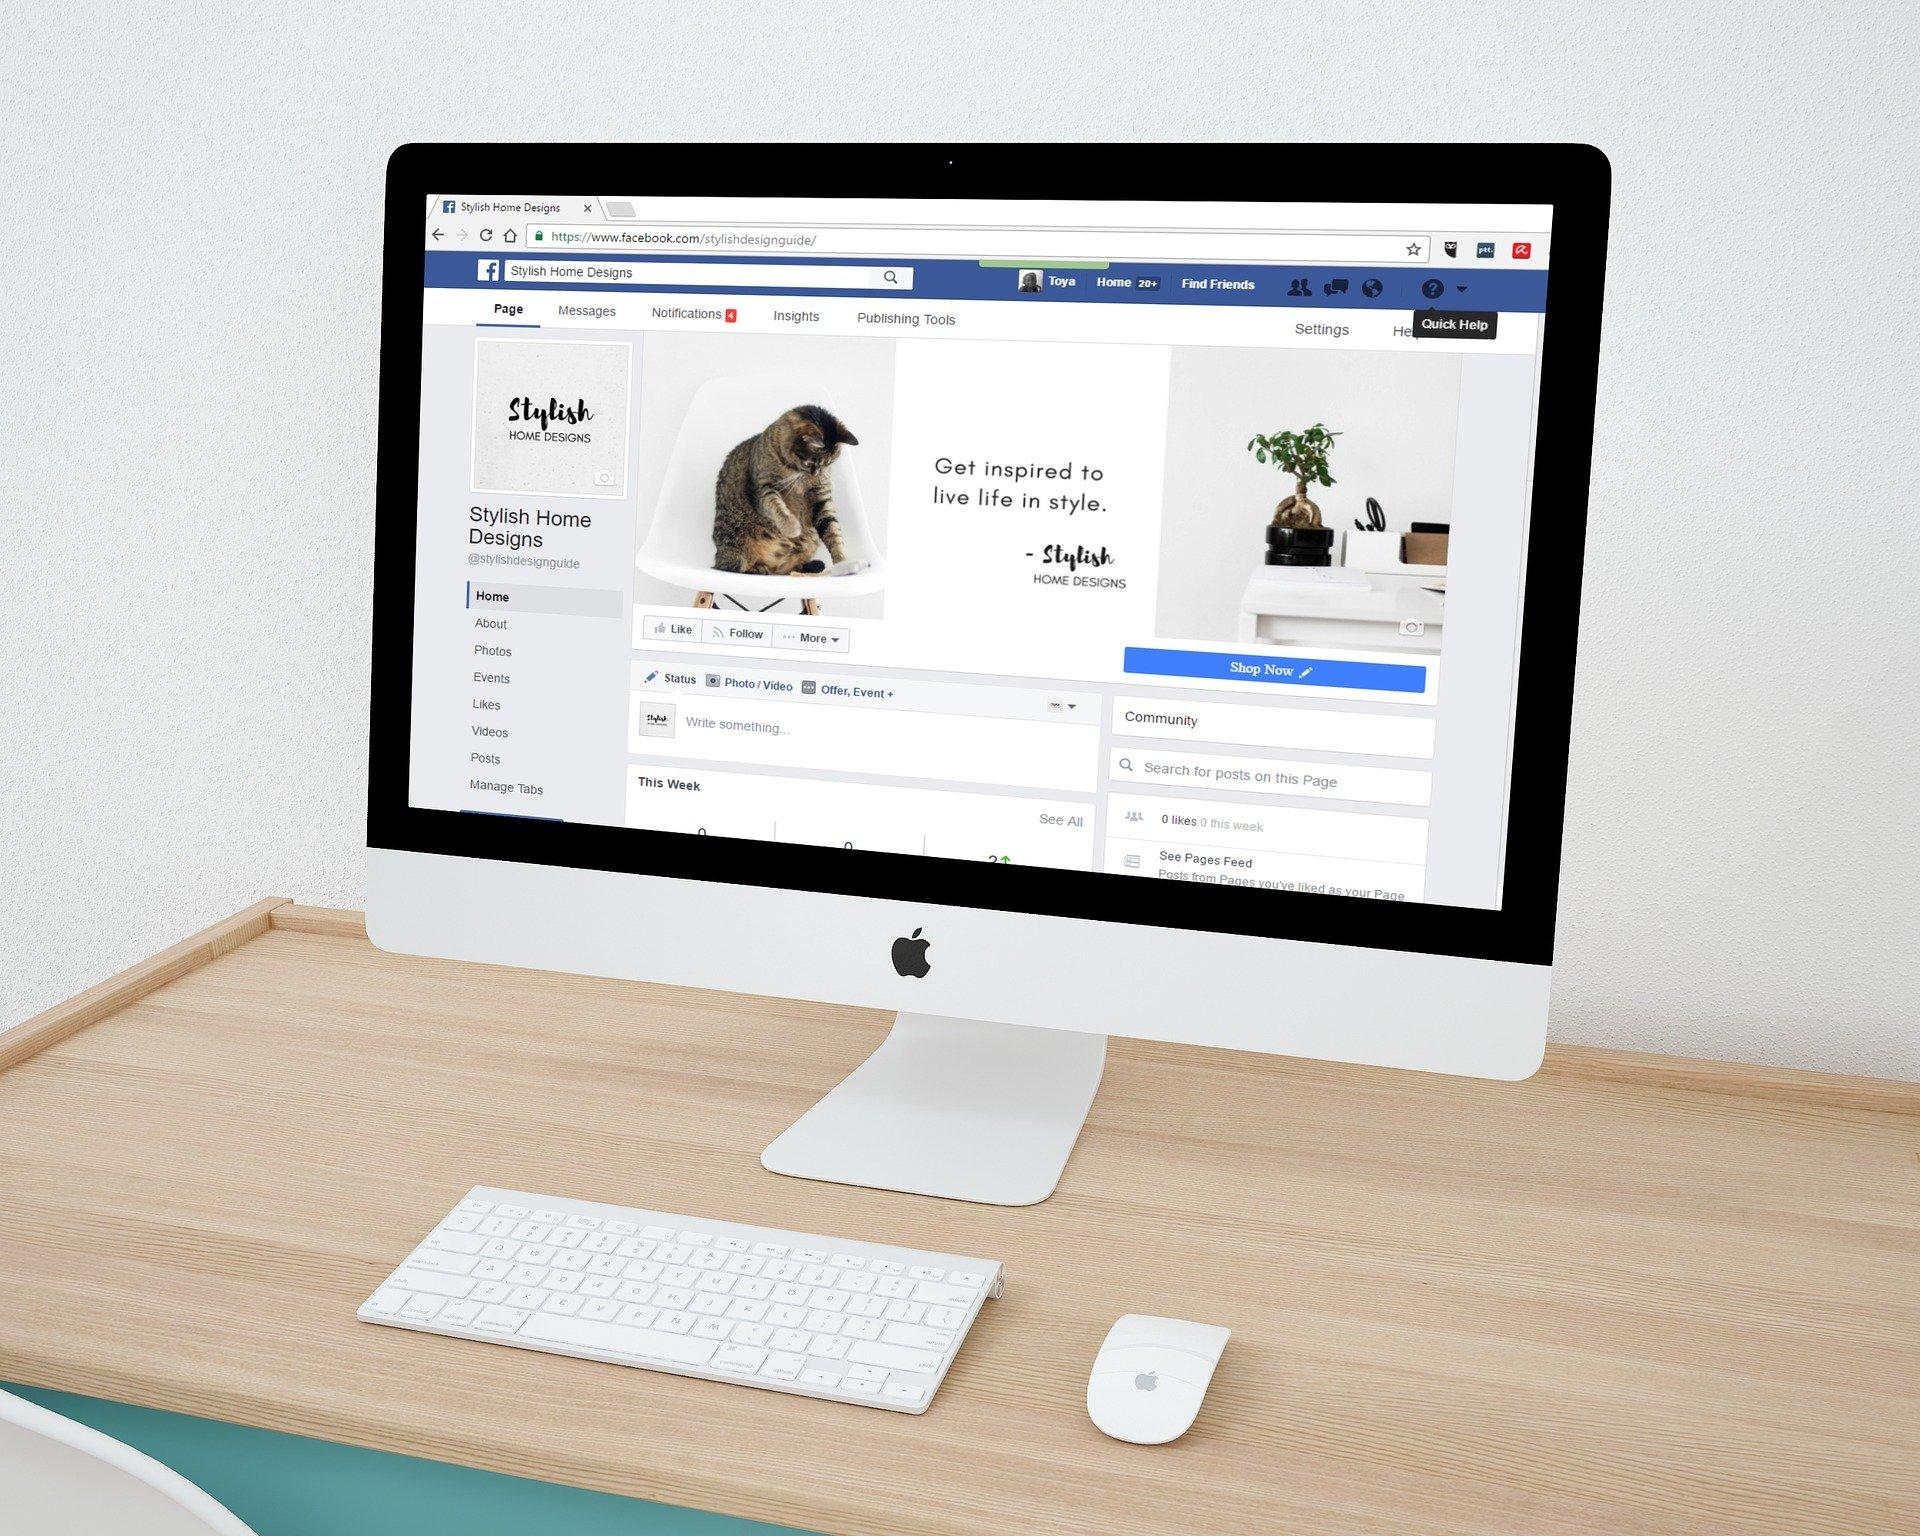 6 Kesalahan Saat Berjualan Di Facebook Yang Membuat Produk Tidak Laku 3